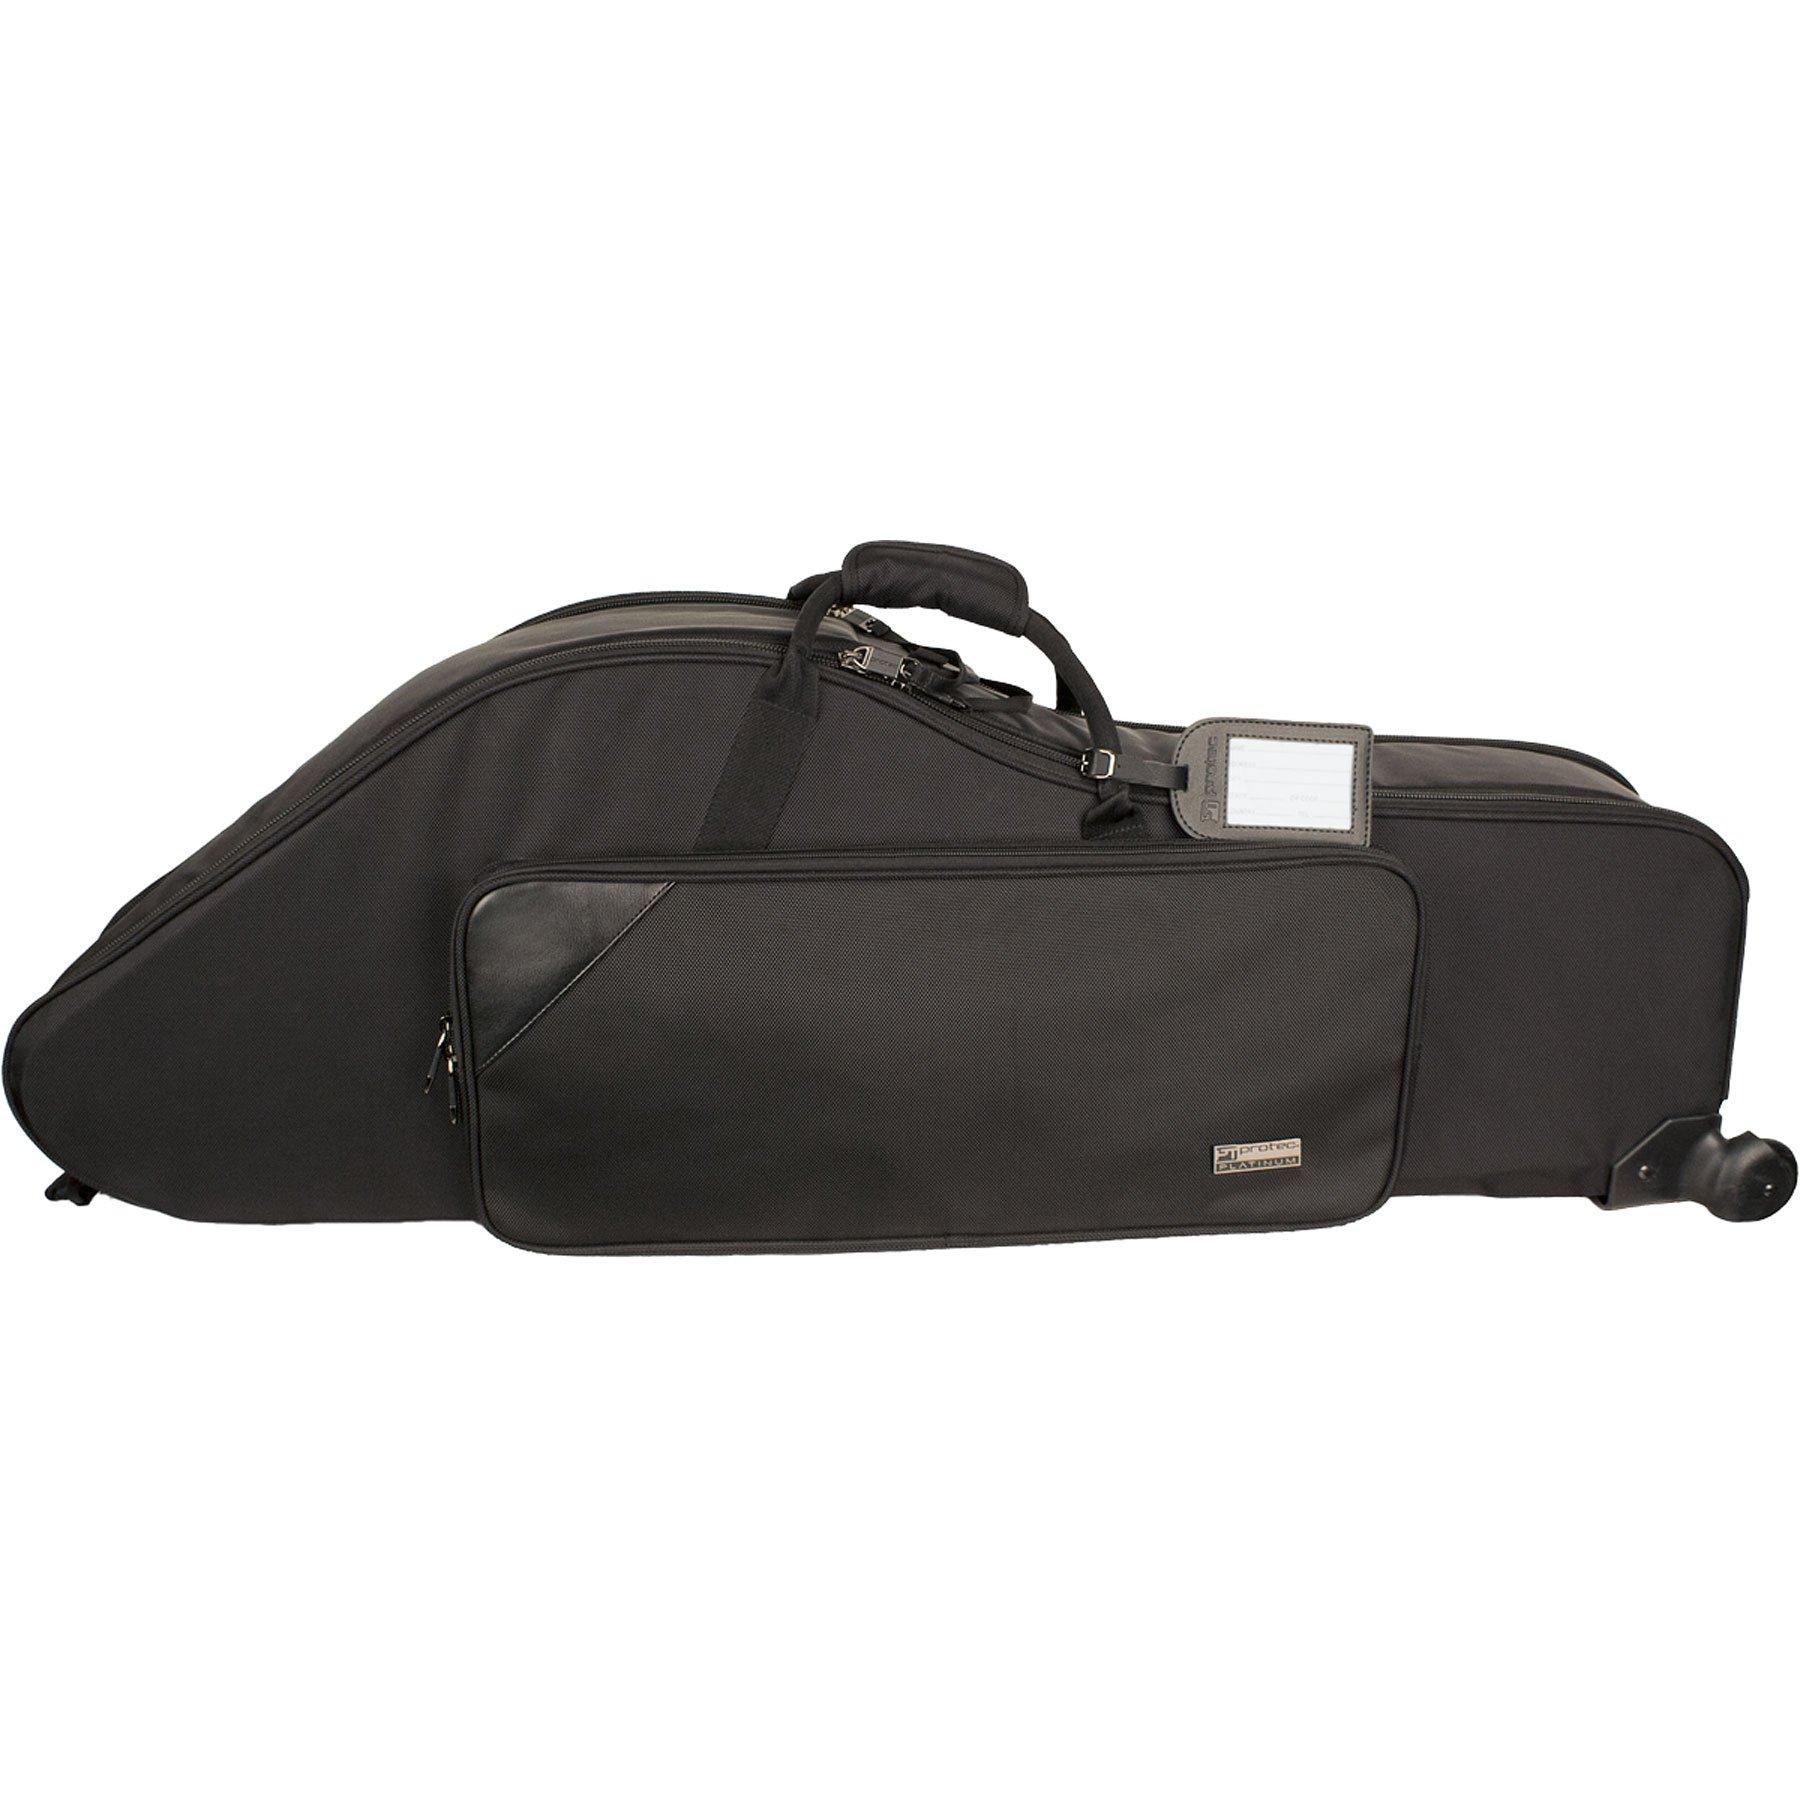 Protec Baritone Saxophone Gig Bag (Fits Low A & Bb), Platinum Series, Model PL253